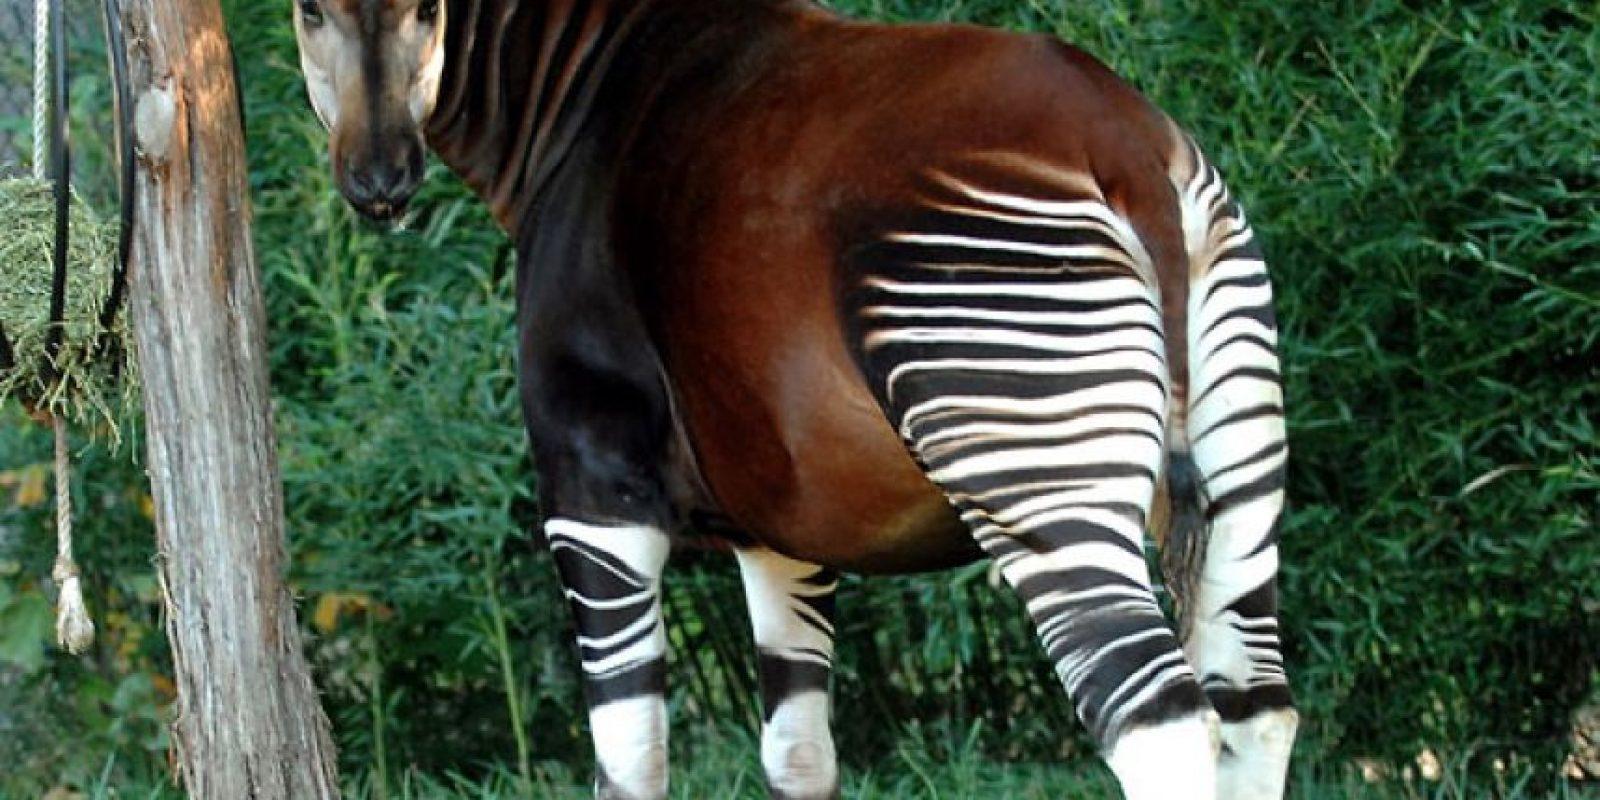 Okapi: viven en África y duran más de un año embarazadas de su cría, que será la única. Viven en pequeños grupos. Son herbívoros. Foto:vía Maryland.zoo.org